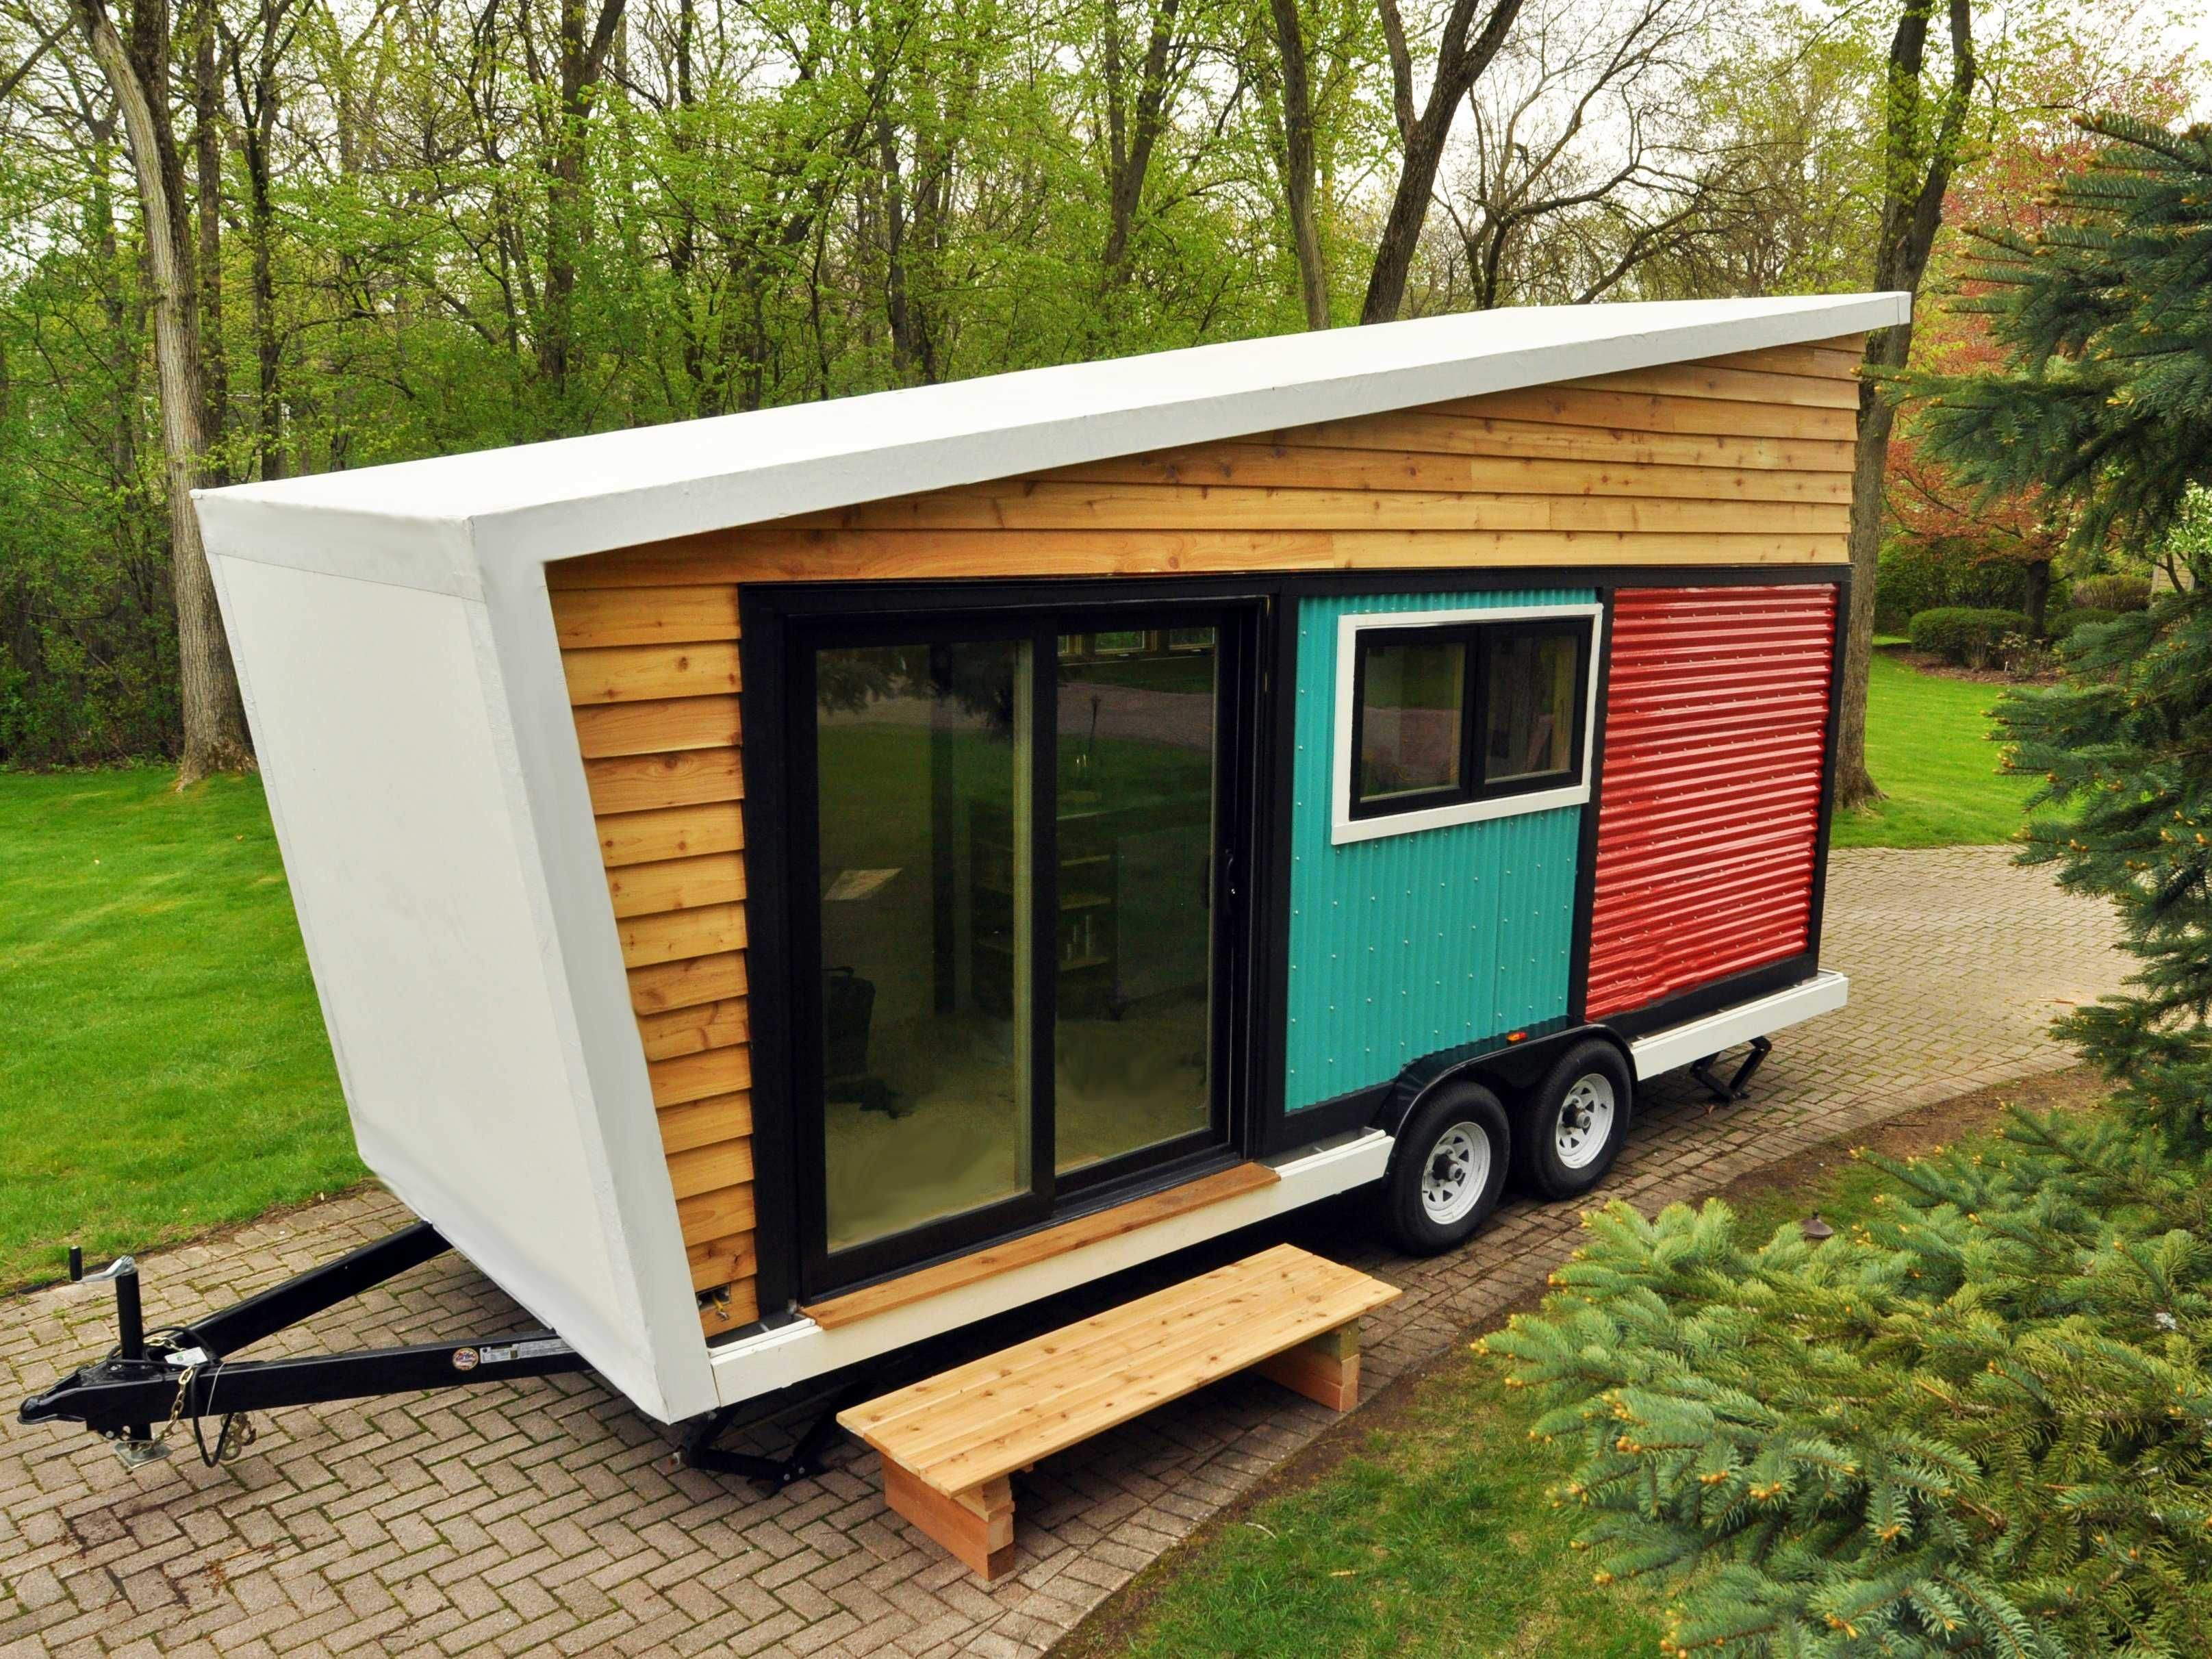 das toy box tiny home ist auch durch eine riesige. Black Bedroom Furniture Sets. Home Design Ideas